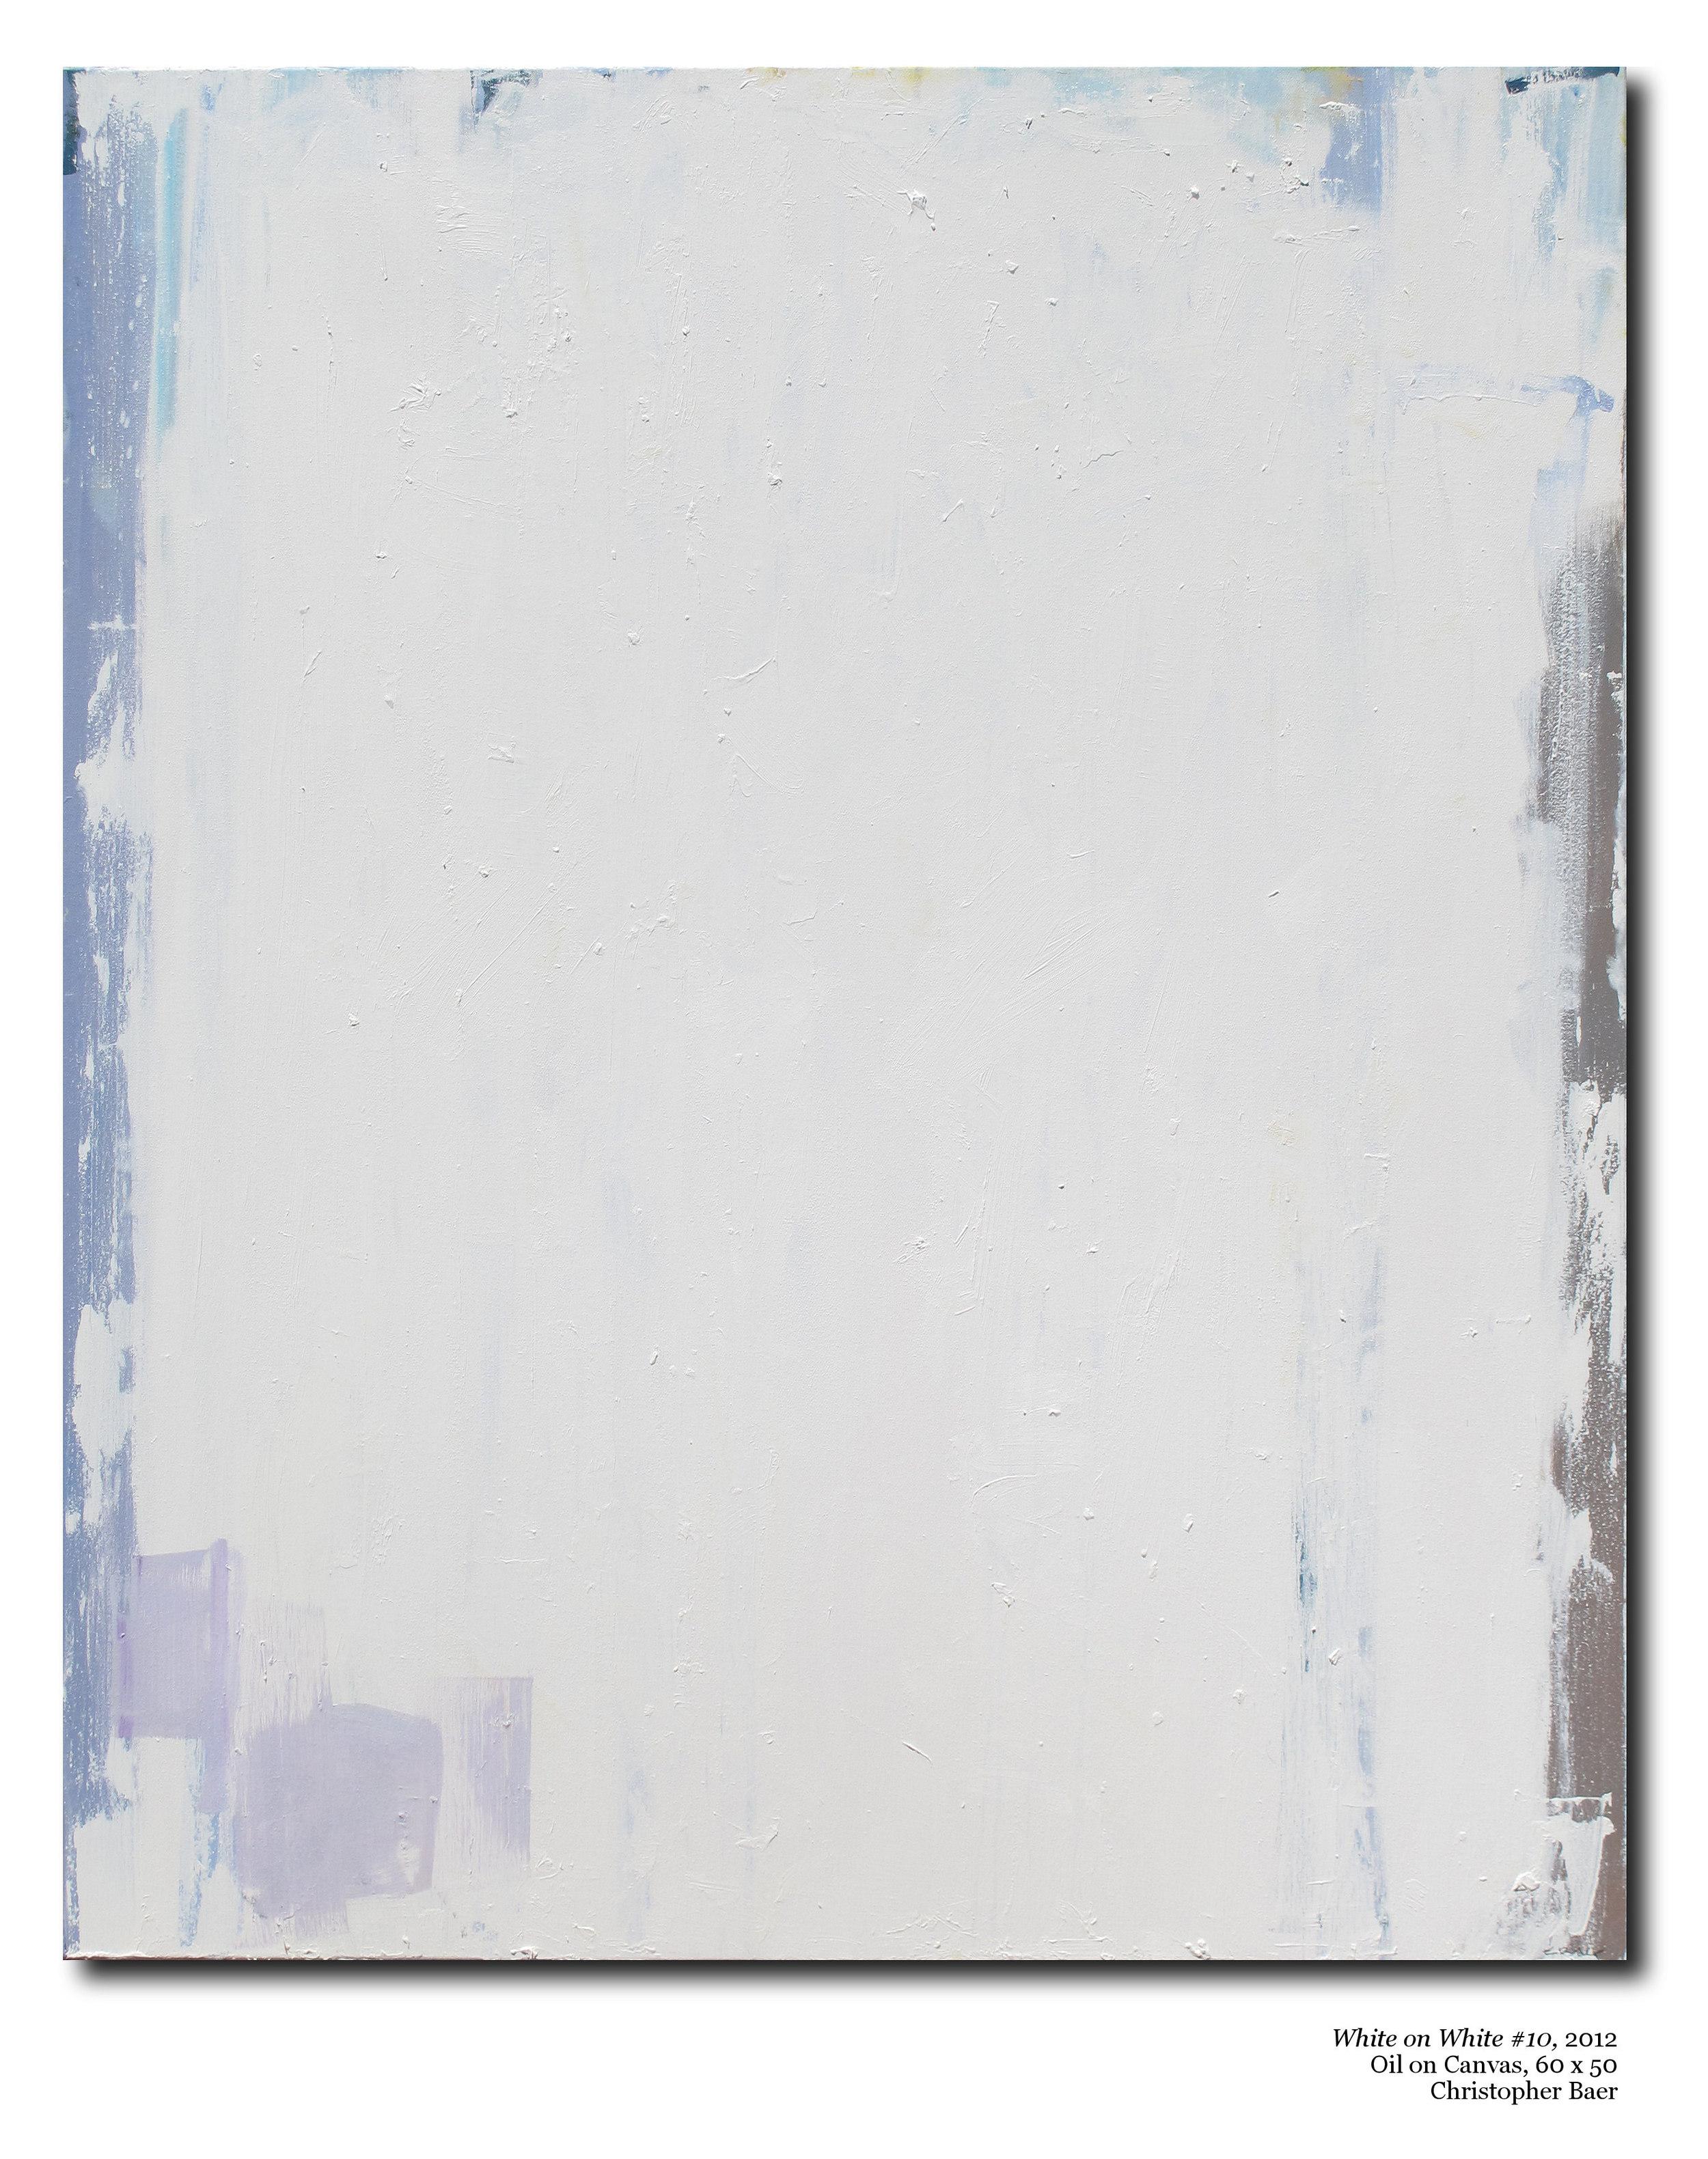 010.WhiteonWhite 2012 60x50.jpg